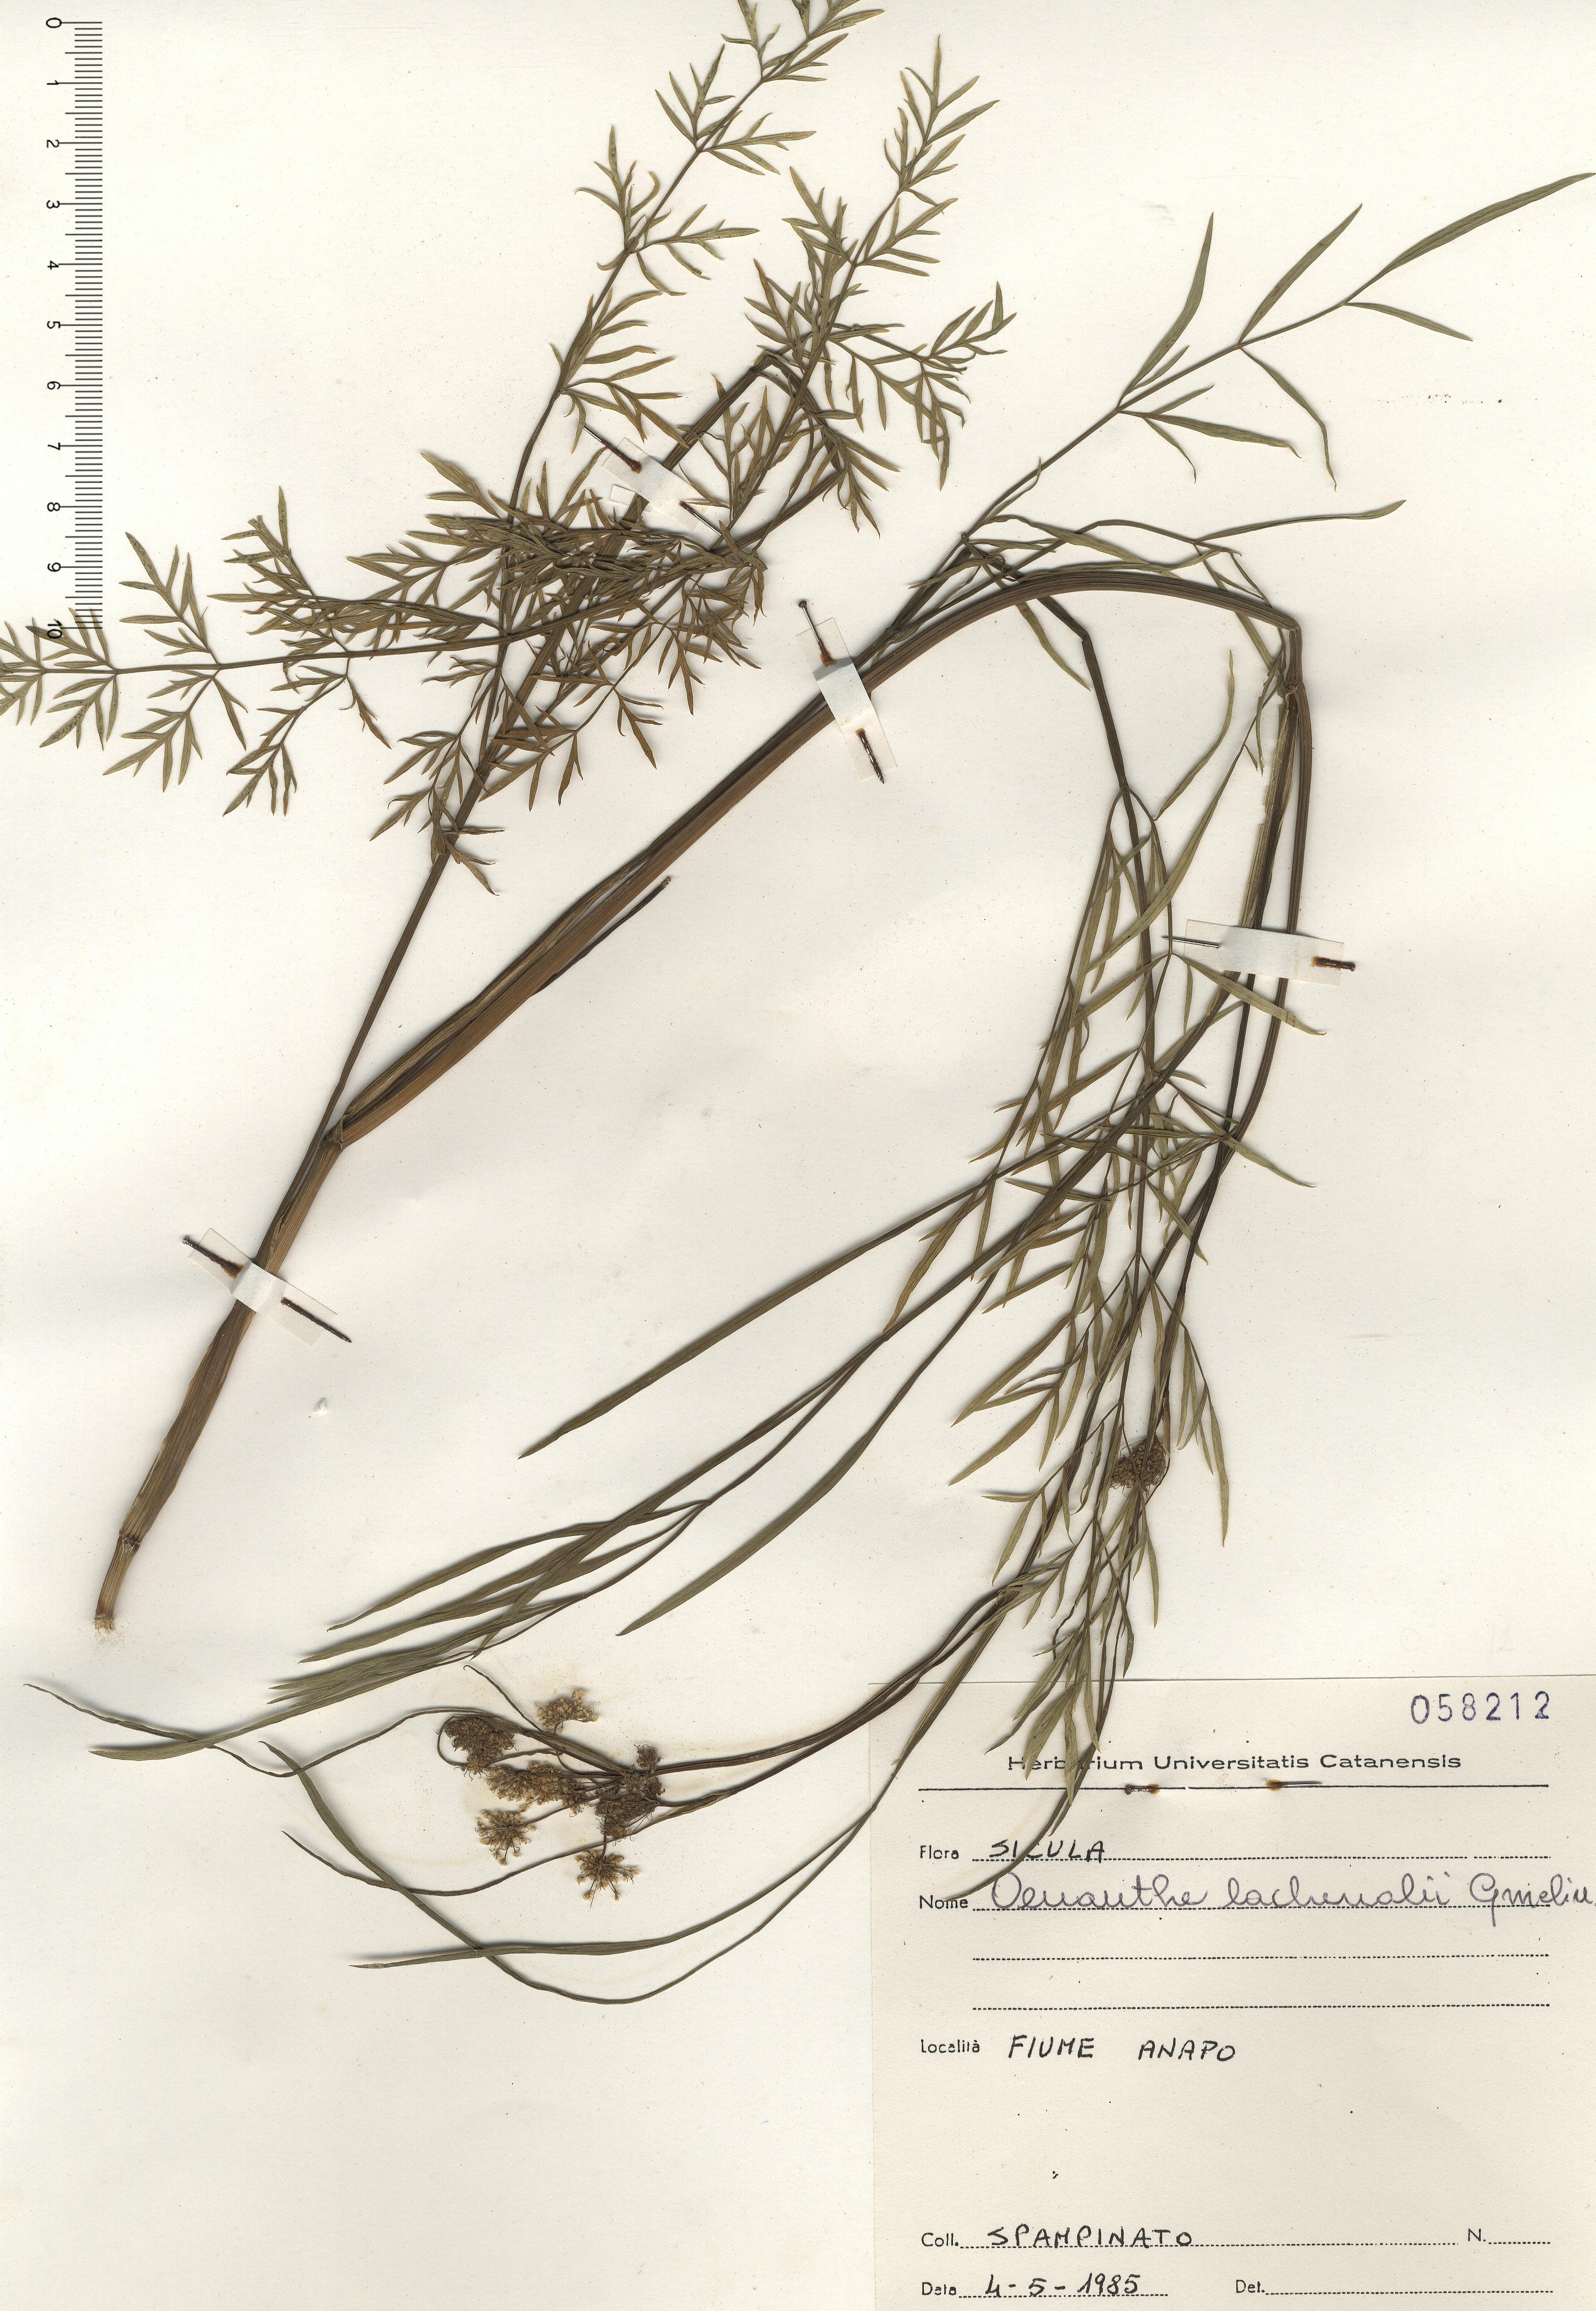 © Hortus Botanicus Catinensis - Herb. sheet 058212<br>